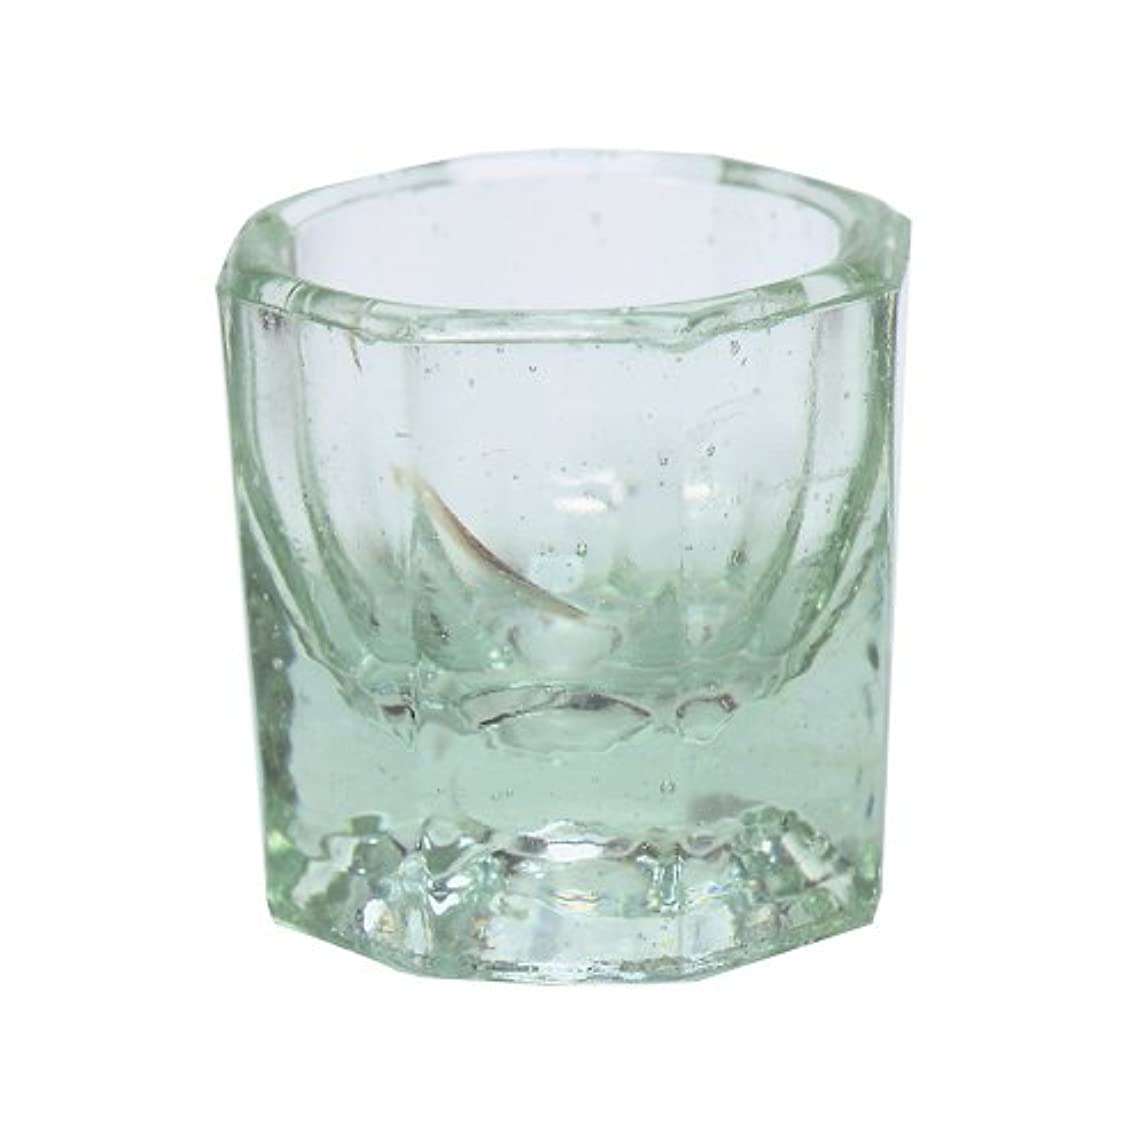 ヤギクリーム電気技師Vaorwne Vaorwne(R)5パック、オールシーズンガラス皿